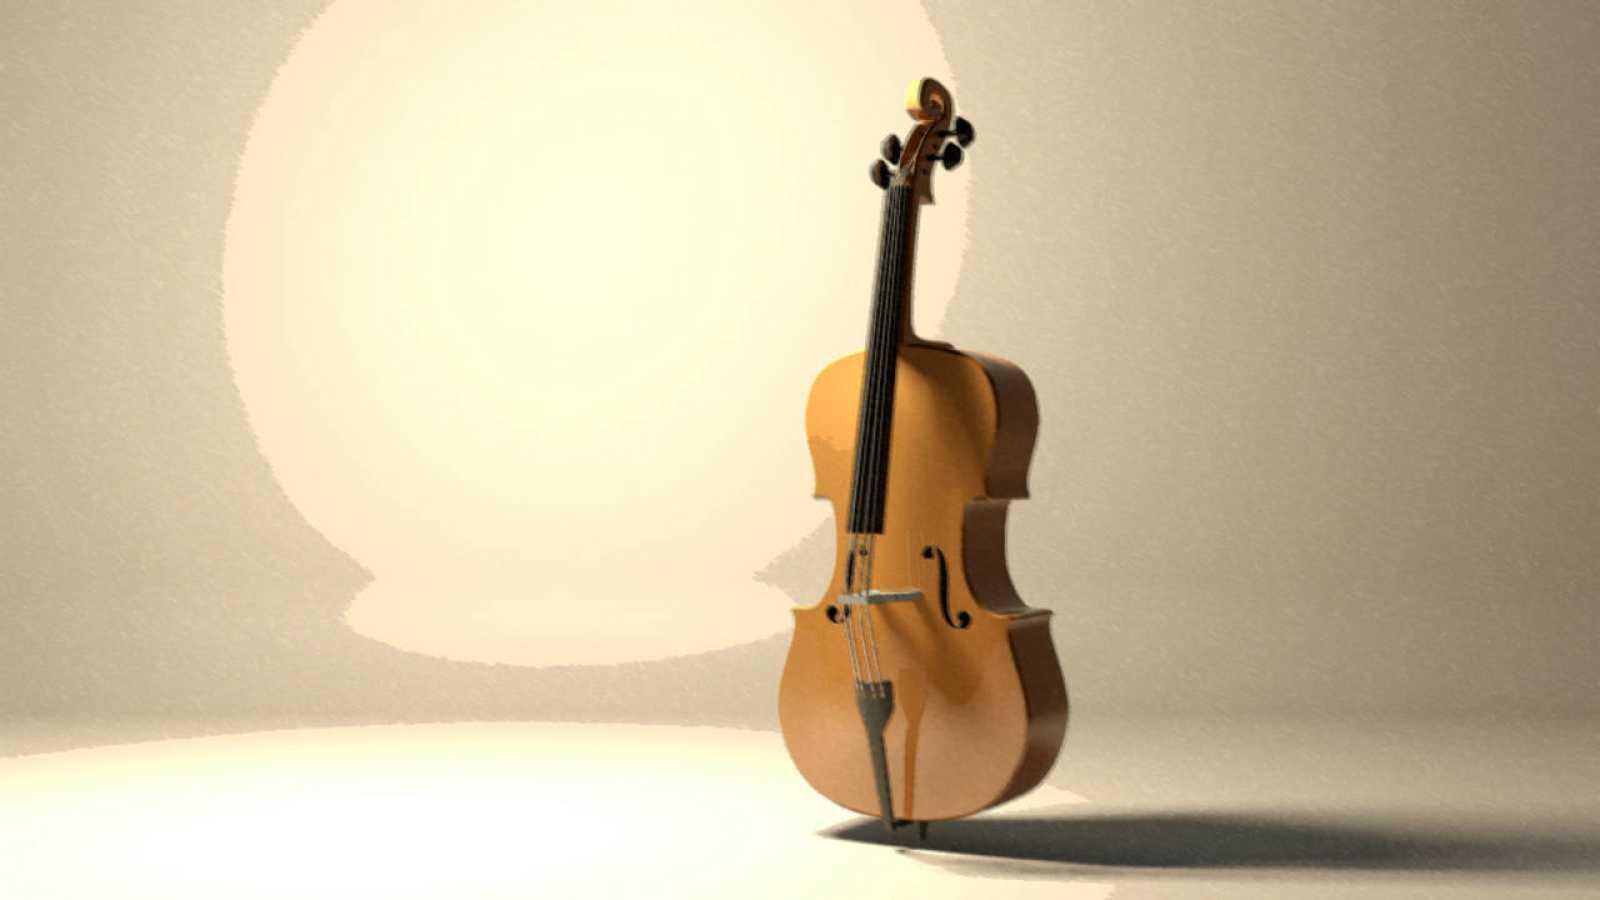 Monográfico sobre el violonchelo